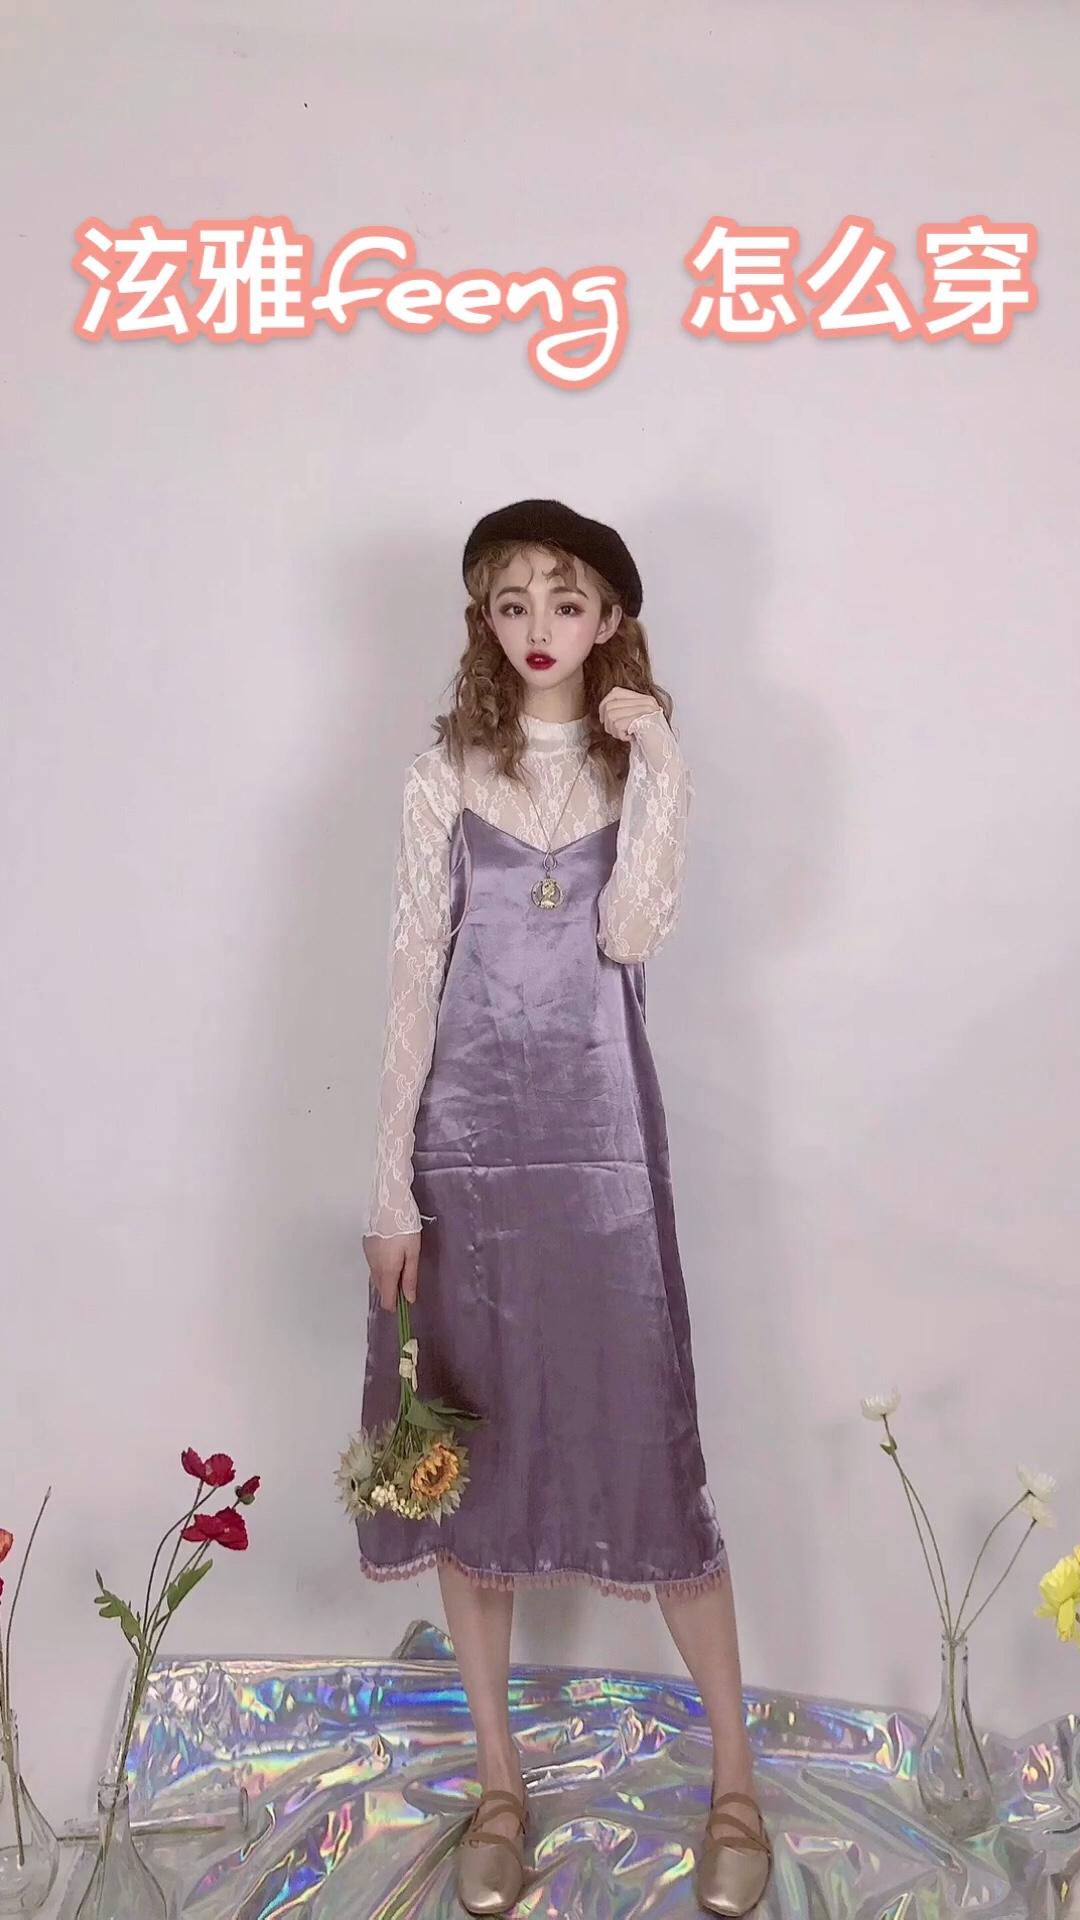 #被泫雅同款性感美腻slay到# 这款雪纺内搭颜色选择了非常百搭的白色, 不管搭配什么外套、T恤都是炒鸡适合的~ 小高领的设计,让性感甜美的蕾丝更多了一份精致感, 而且内搭在里面更显气质! 外面搭配一件光滑面料的紫色吊带裙 真的是美炸了